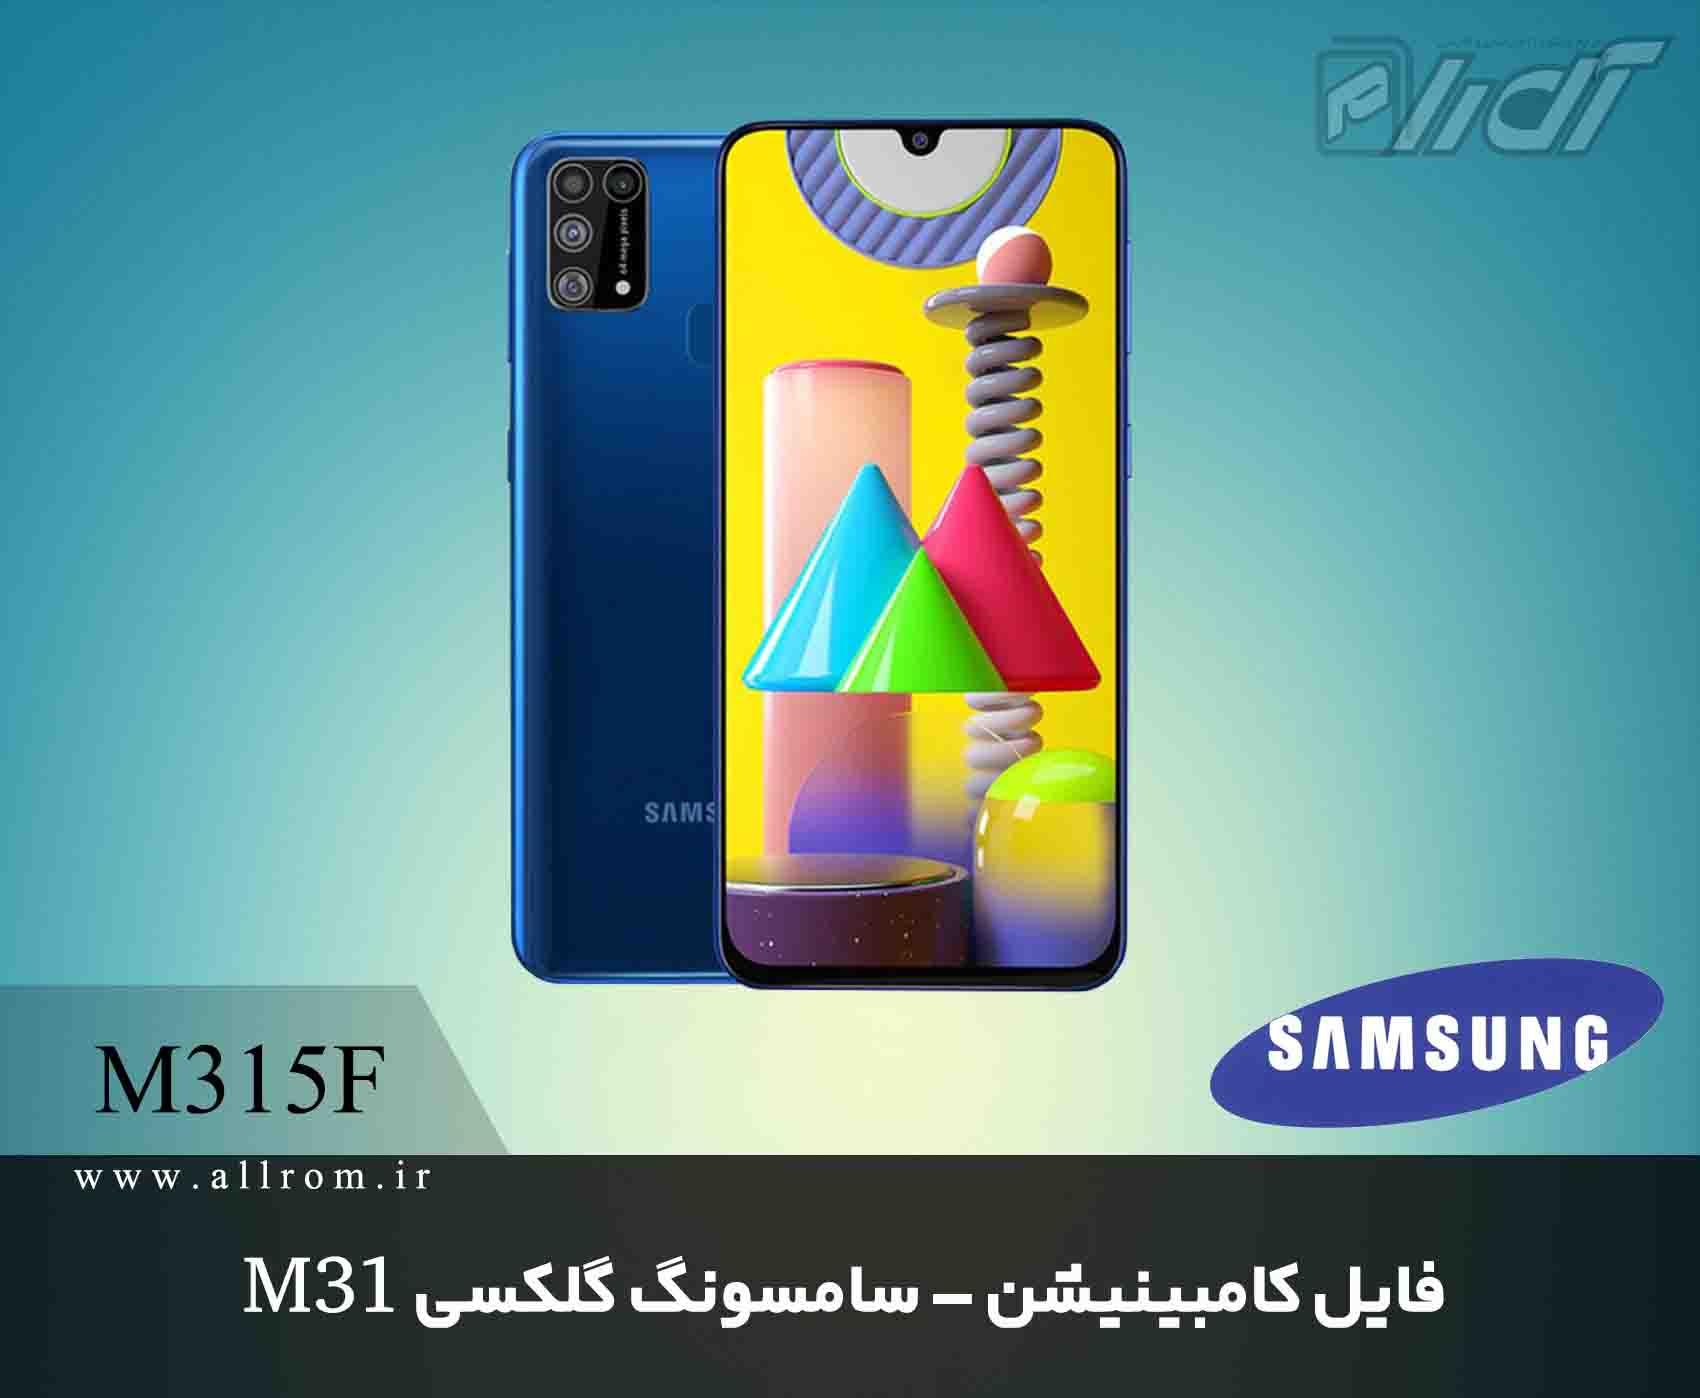 دانلود رام کامبینیشن Samsung Galaxy M31 SM-M315F-1